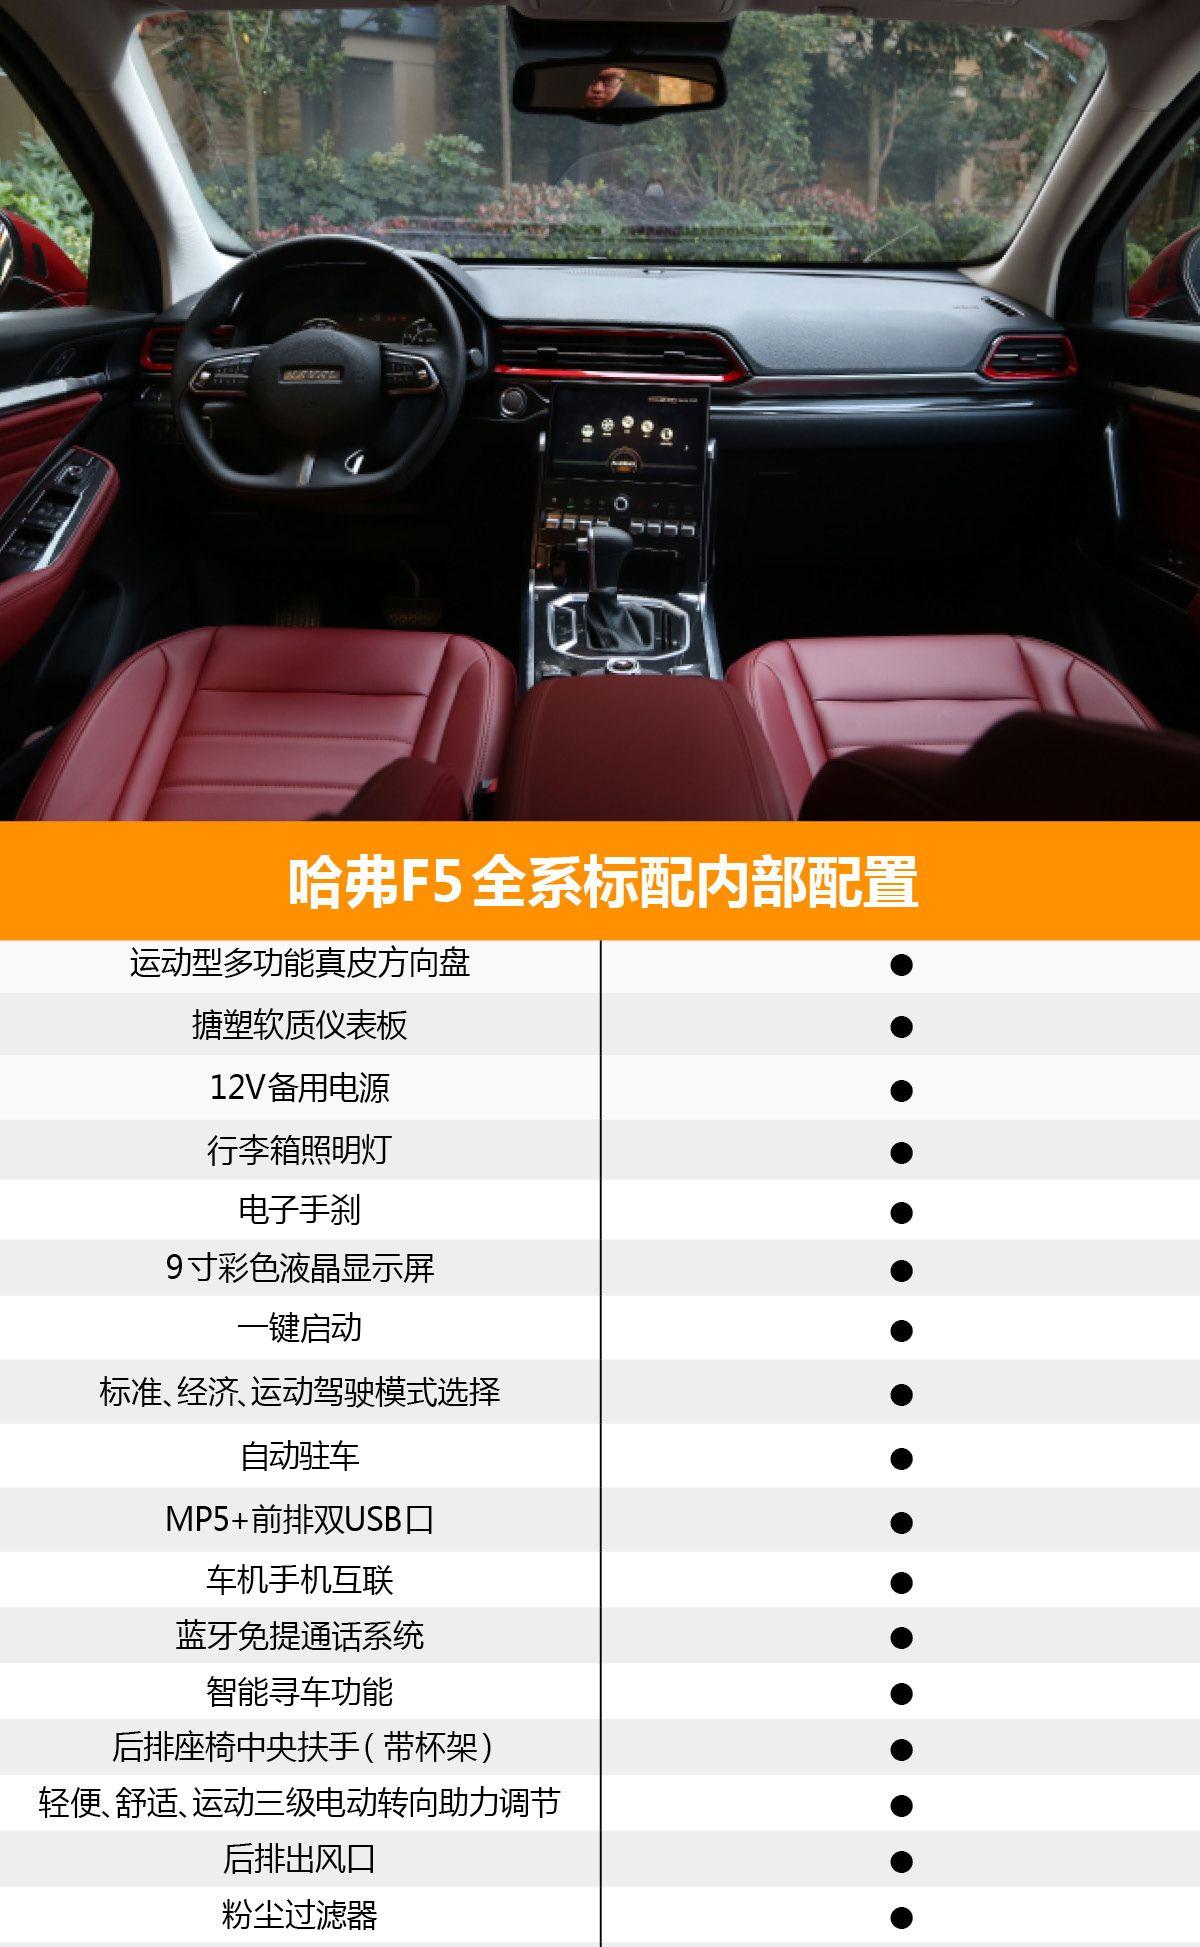 首推次顶配车型――i潮 哈弗F5购车手册